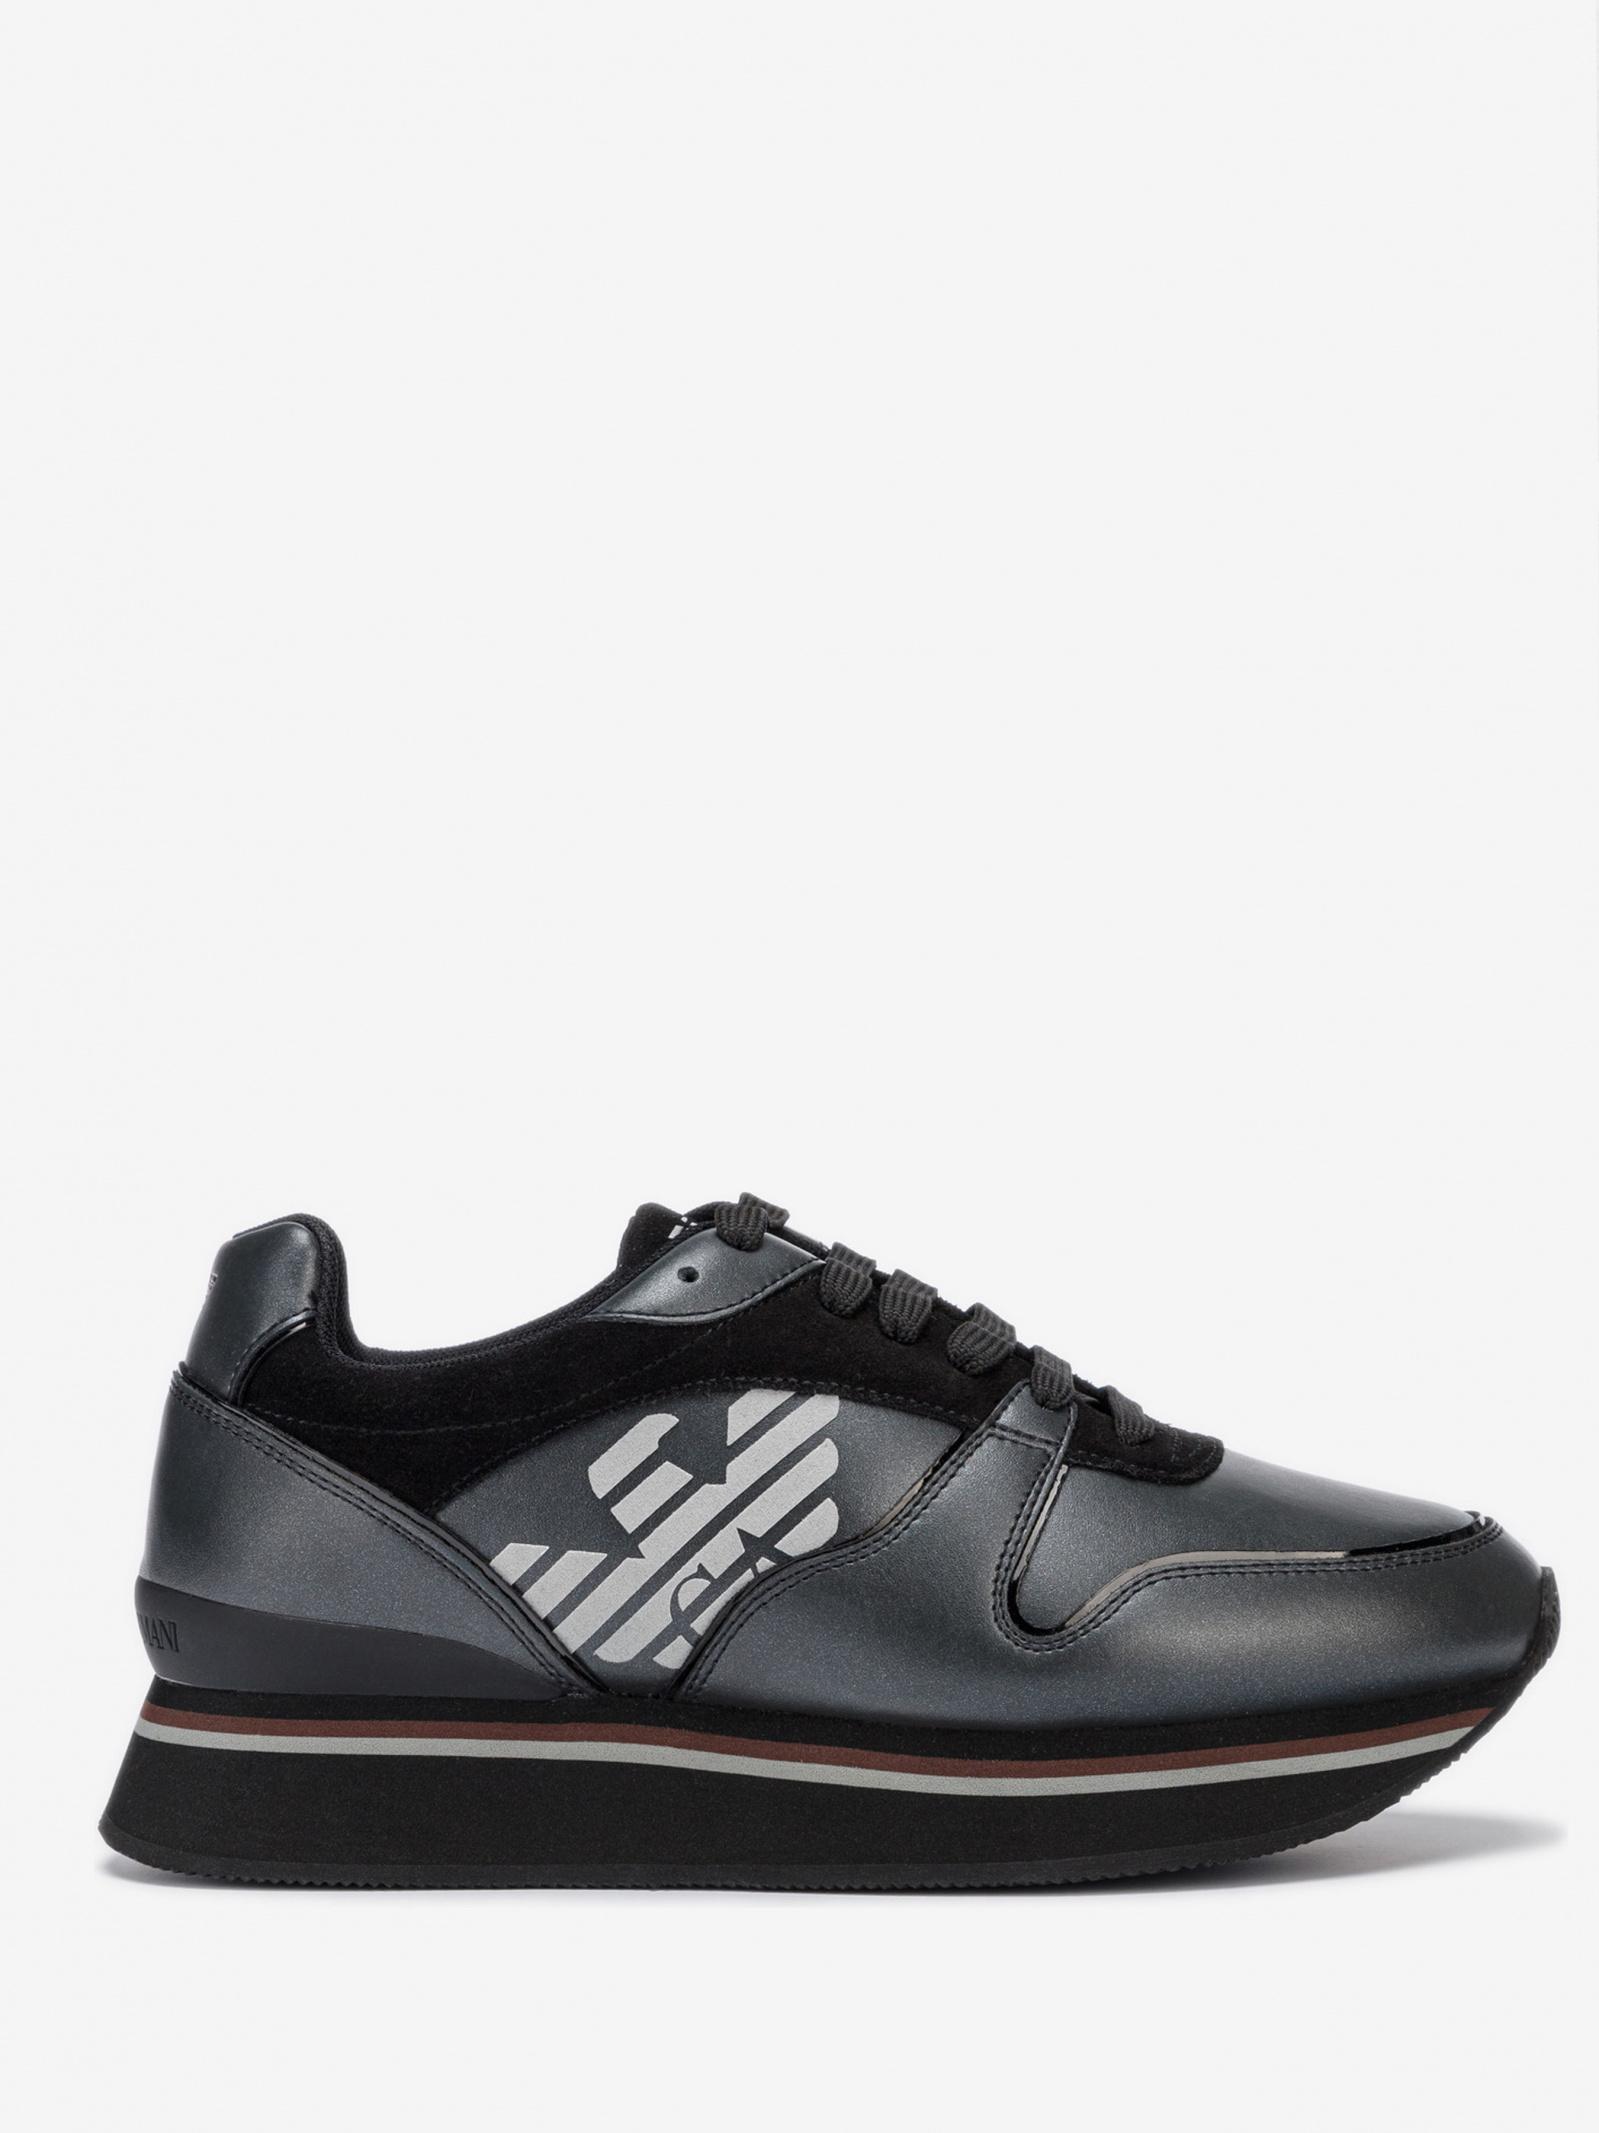 Кроссовки для женщин Emporio Armani 5R162 брендовая обувь, 2017